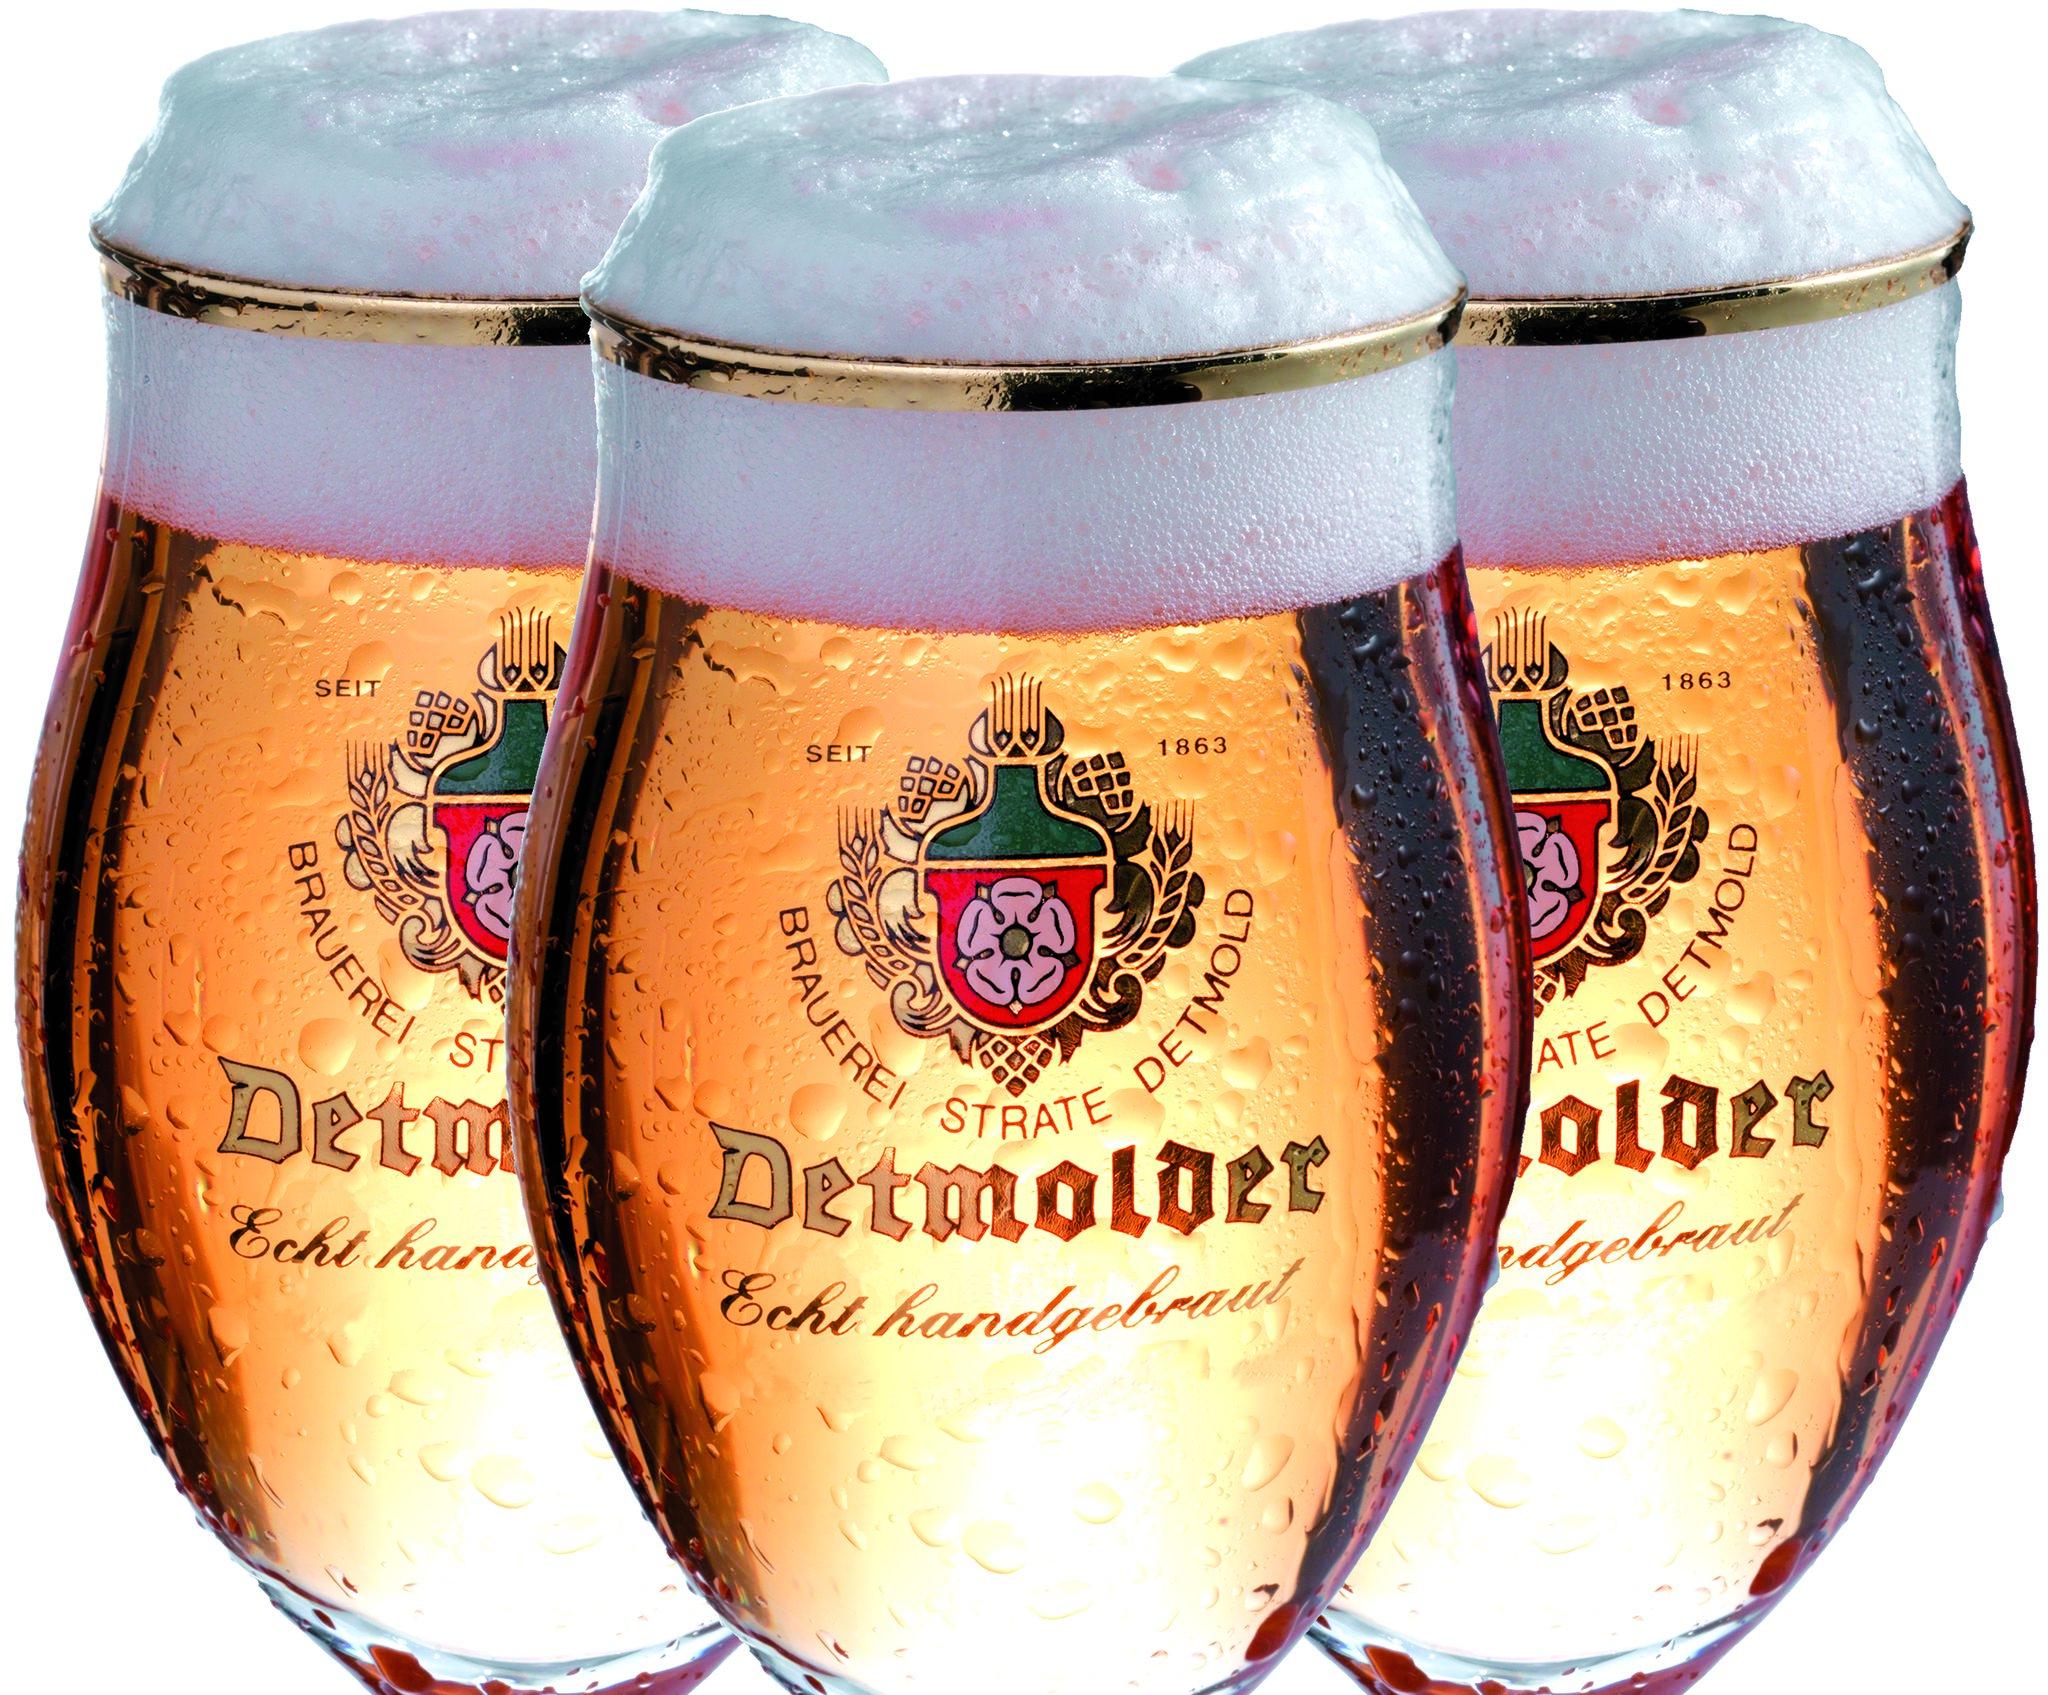 3 Gläaser Pokal Detmolder Image